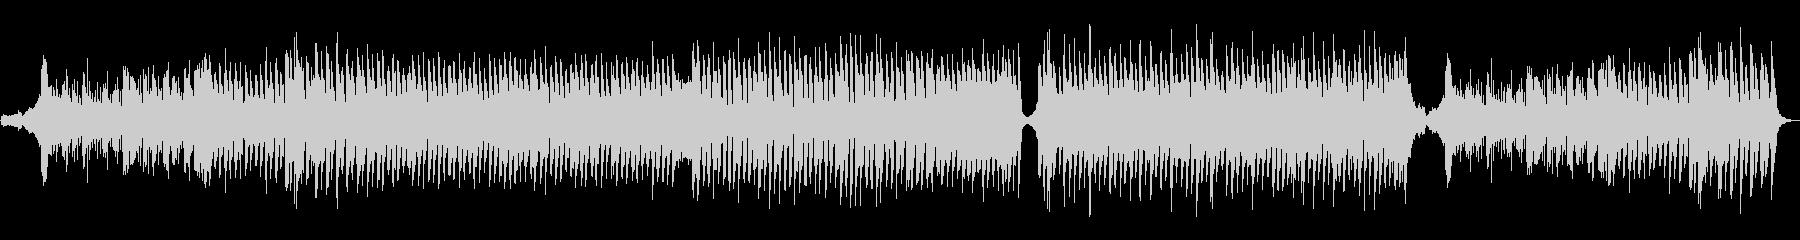 明るく華やかポップオーケストラ:低い弦の未再生の波形